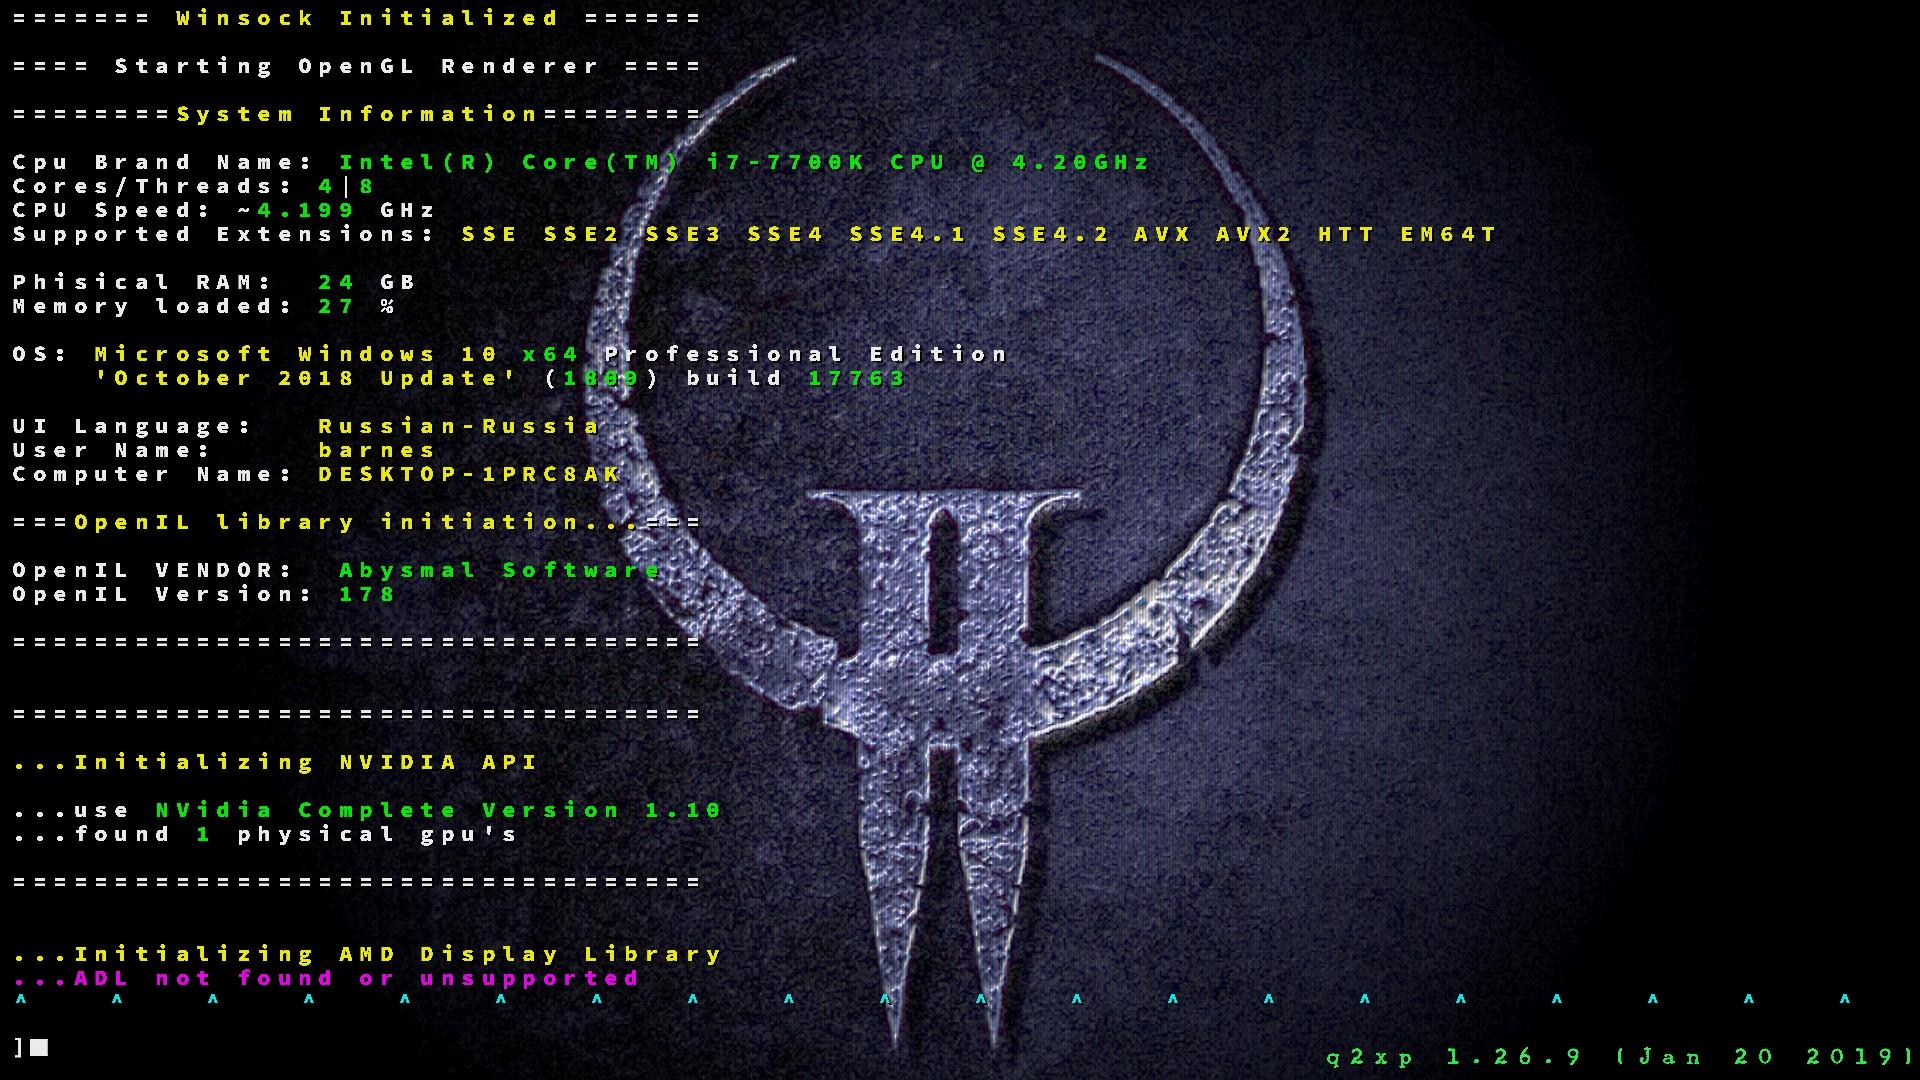 quake2xp 1 26 9 beta2 file - Mod DB